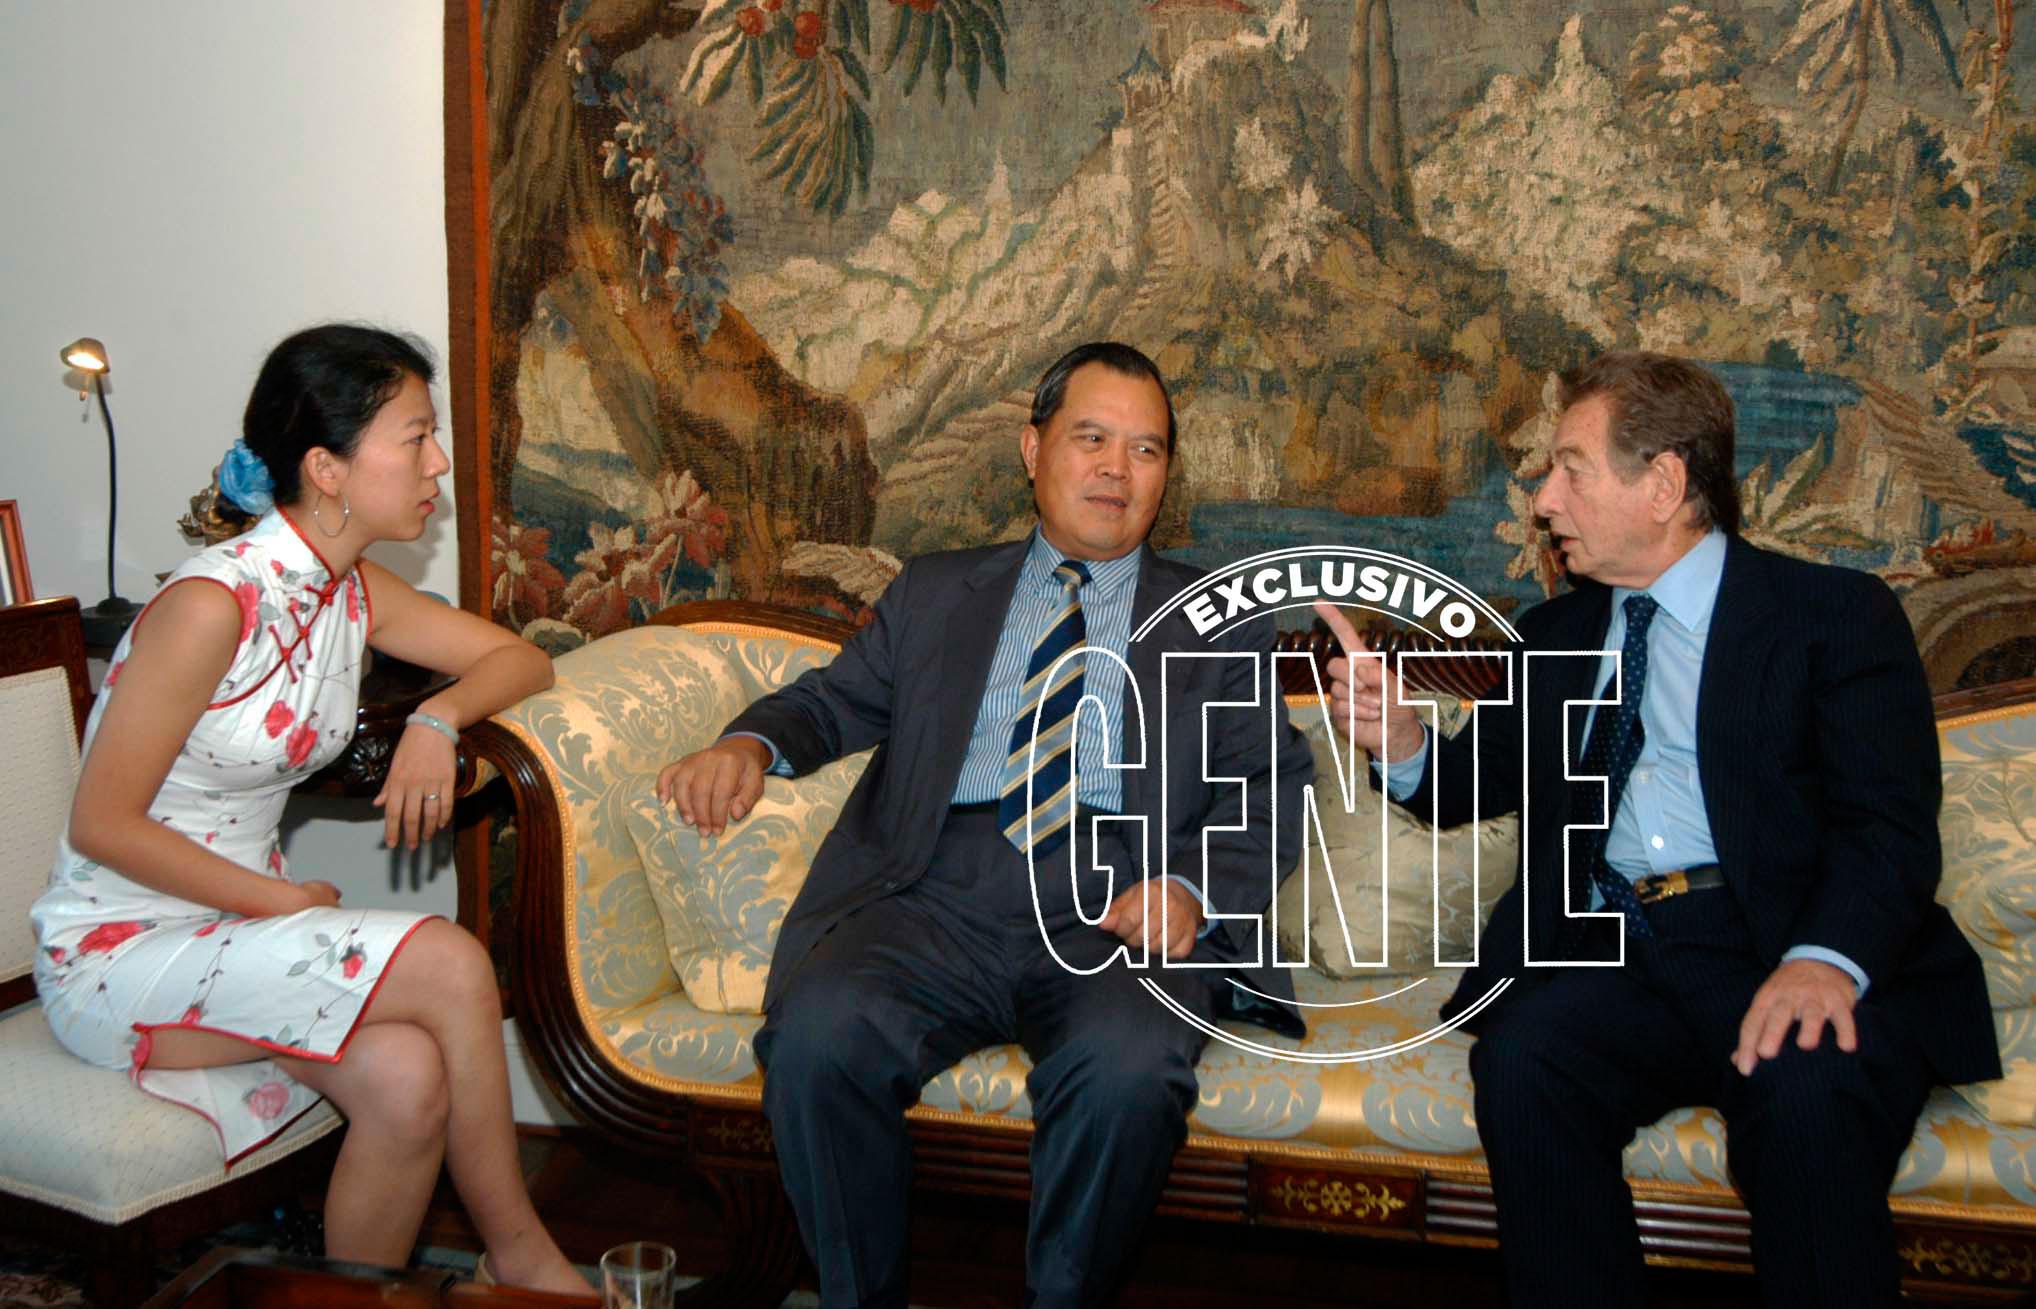 Franco Macri en una de sus reuniones de negocios con empresarios chinos. Foto: Enrique García Medina/GENTE